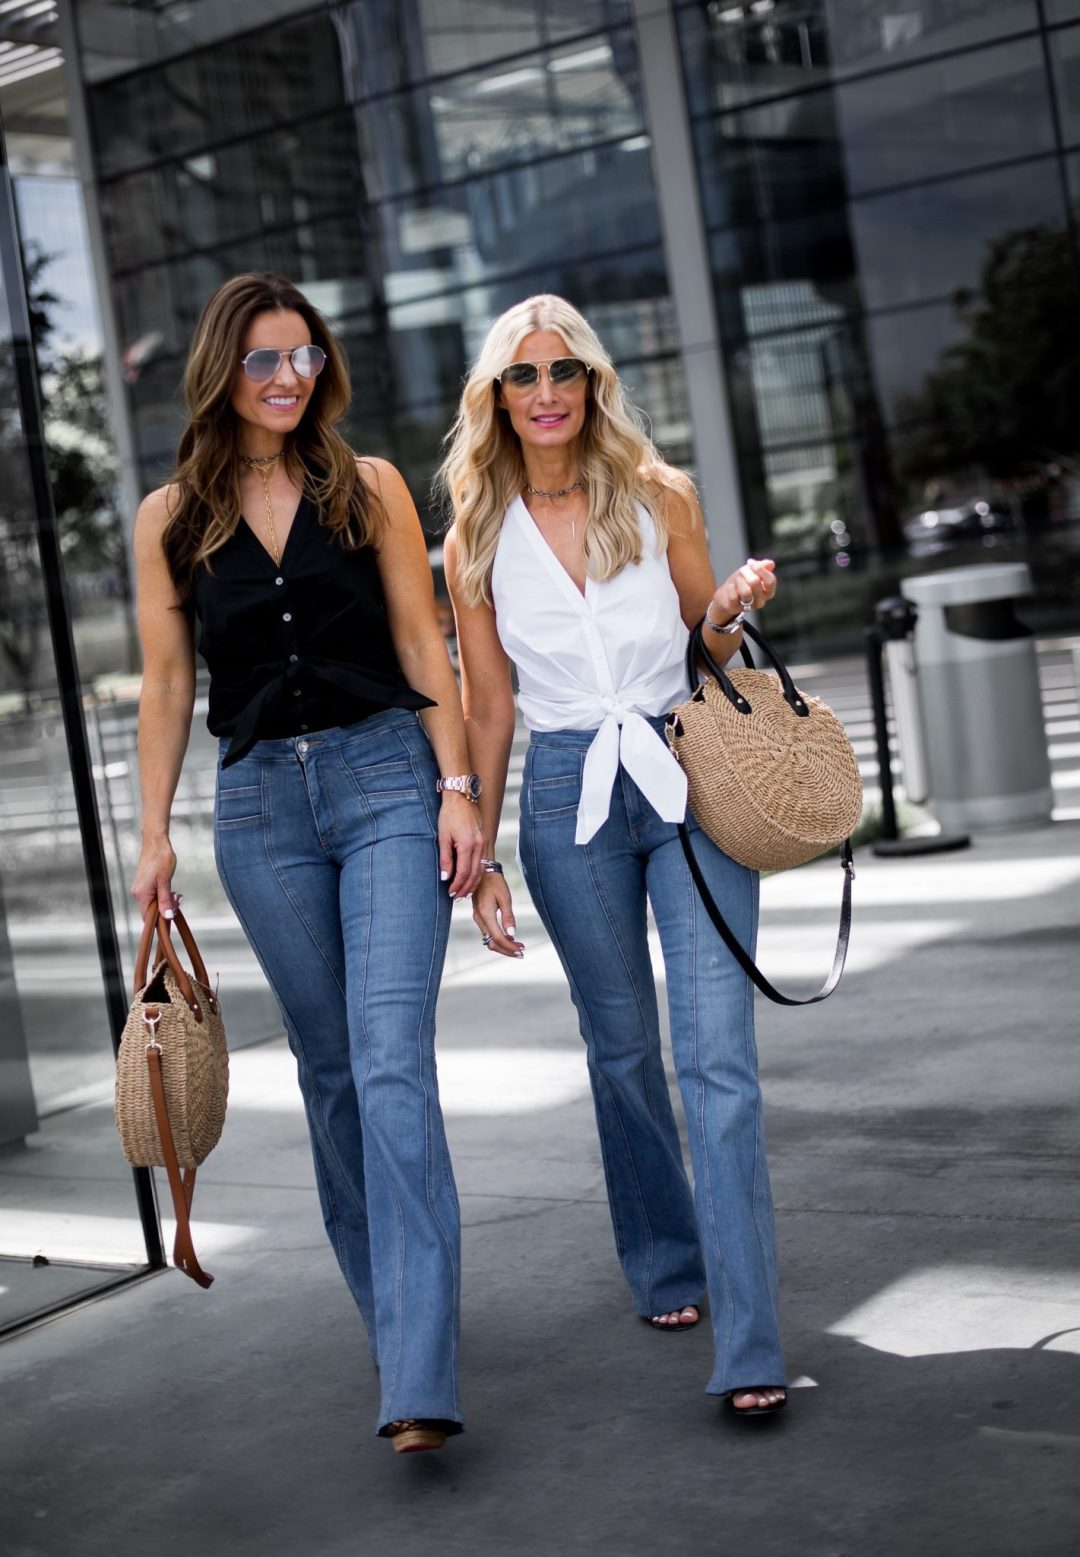 diện quần jeans mỗi ngày add 10